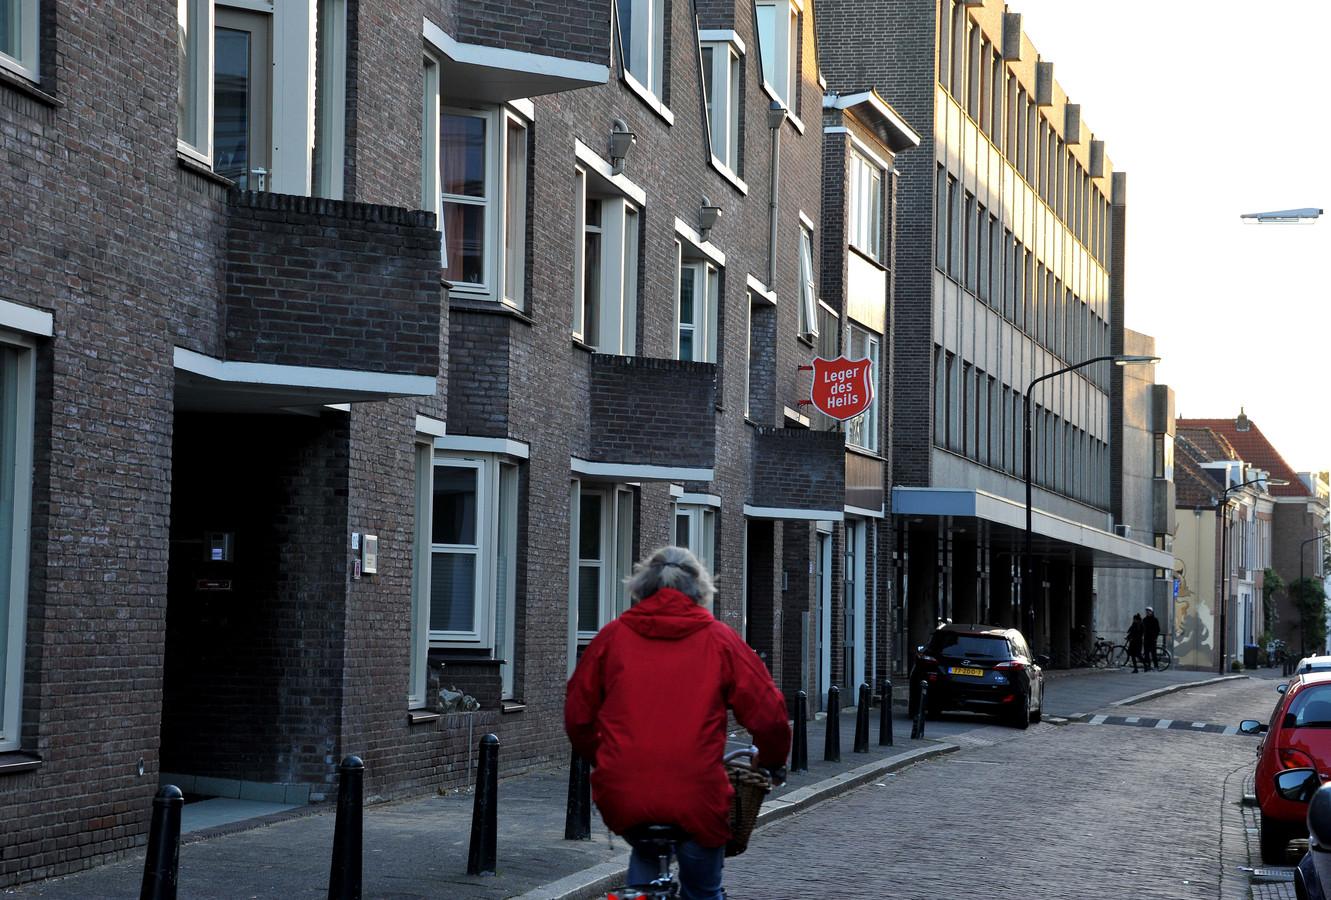 Het Leger des Heils in Dordrecht